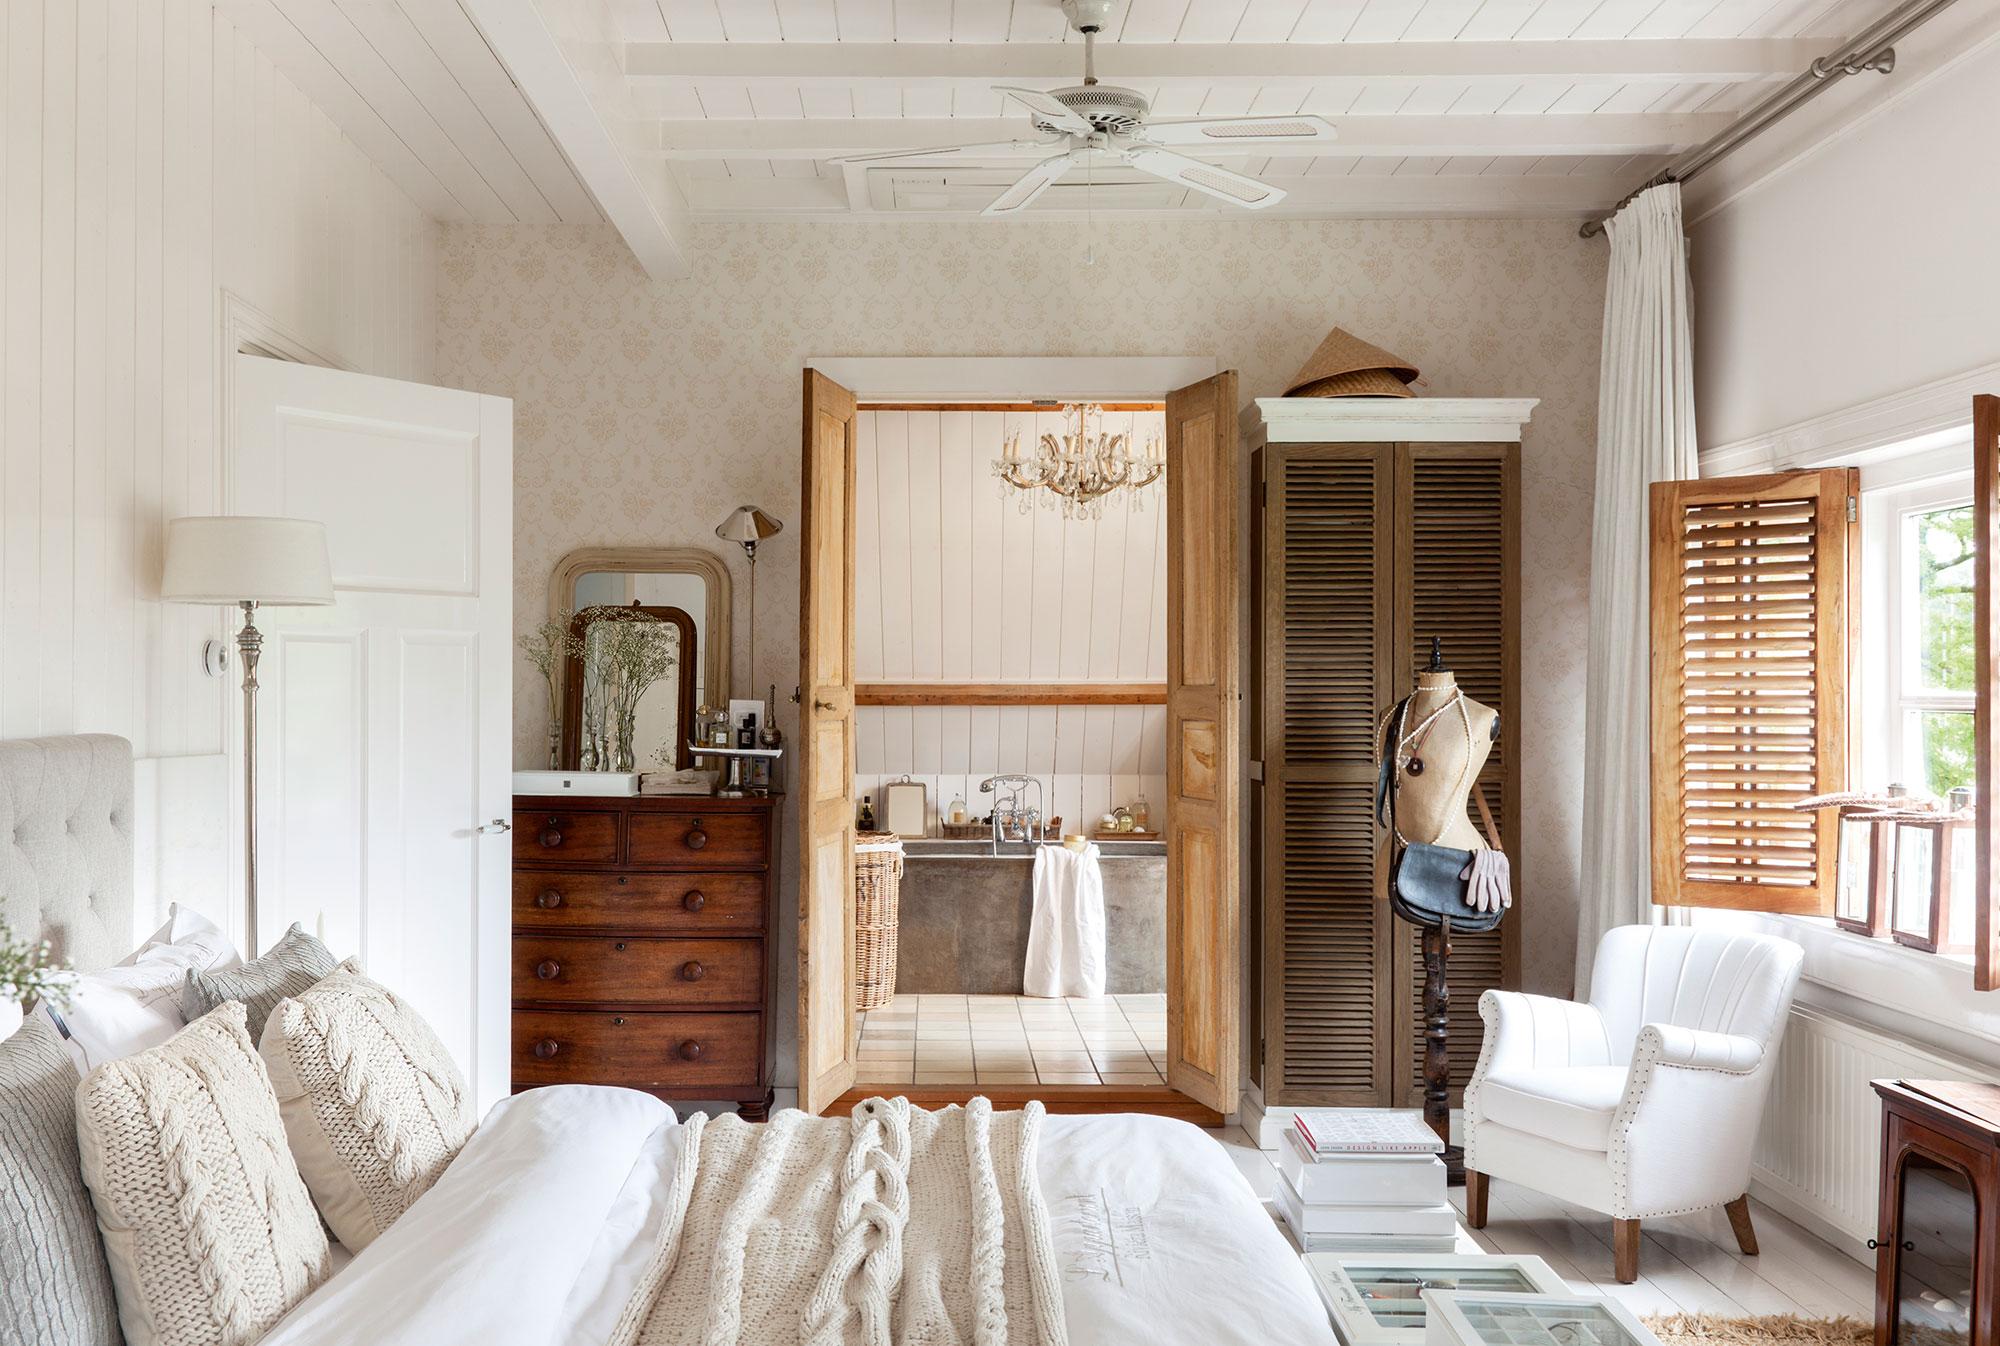 Dormitorio c mo decorarlo y aprovecharlo mejor seg n los - Dormitorio con bano ...